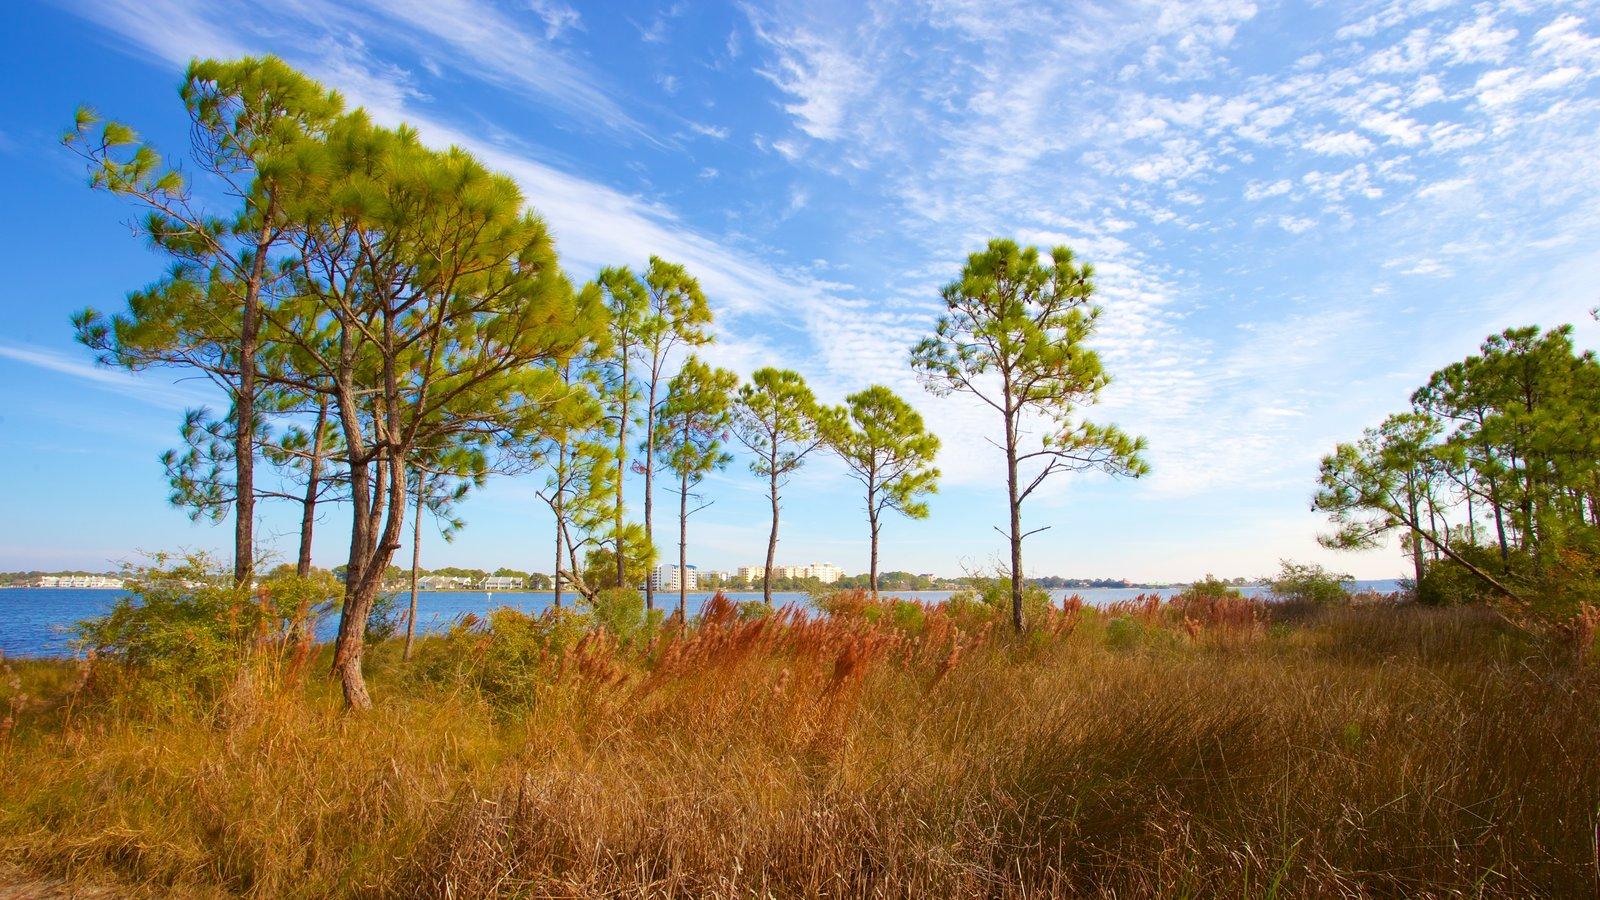 St. Andrews State Park caracterizando um lago ou charco e cenas tranquilas